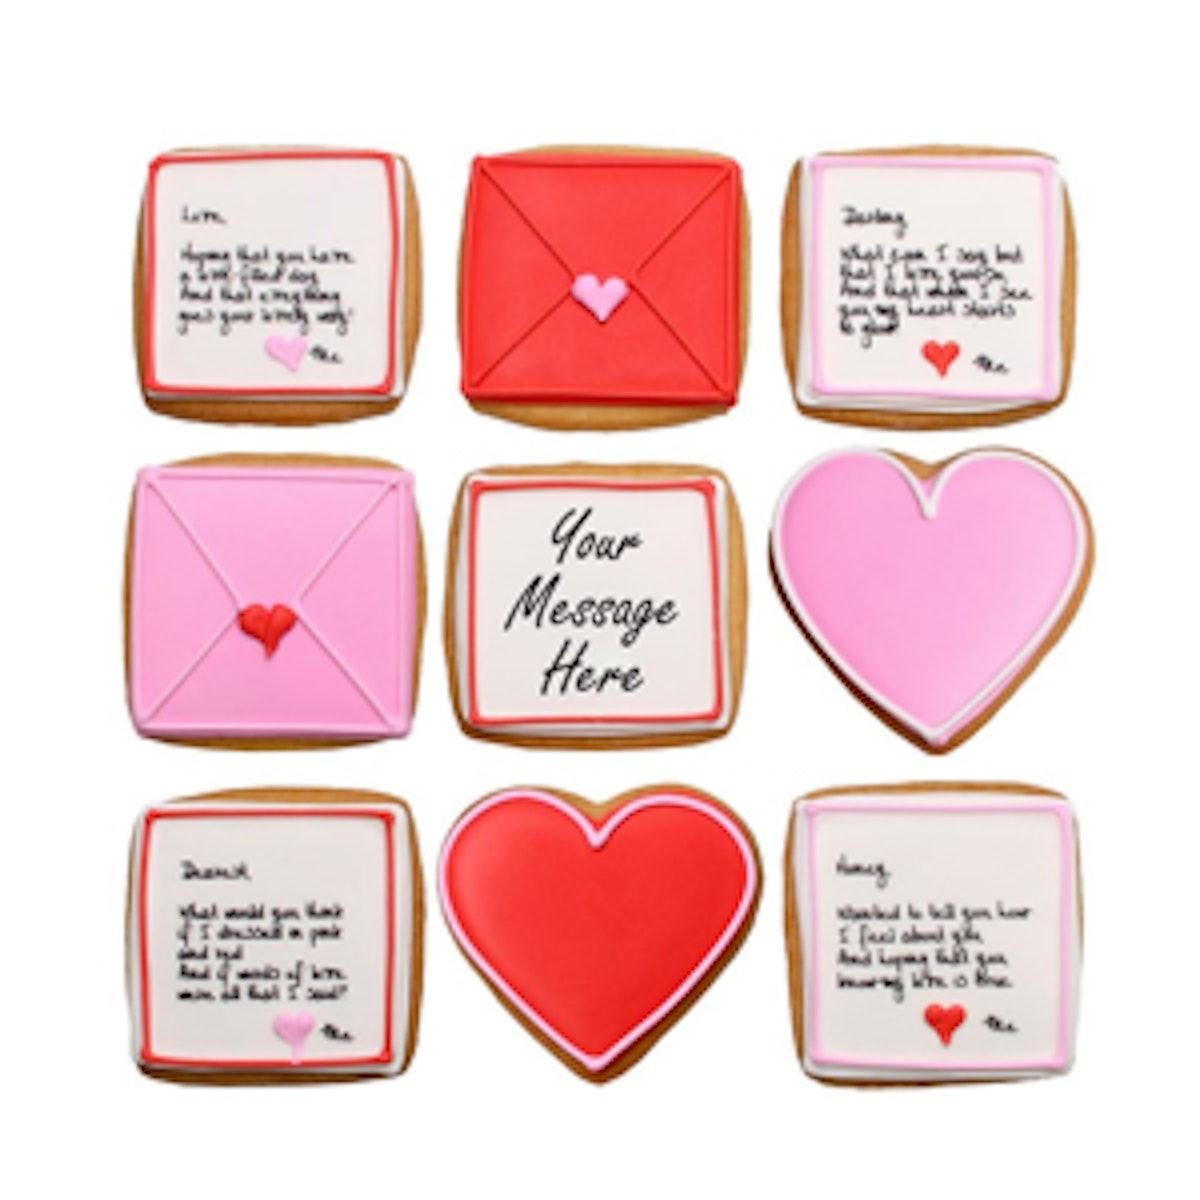 Custom Love Letters Valentine's Gift Set